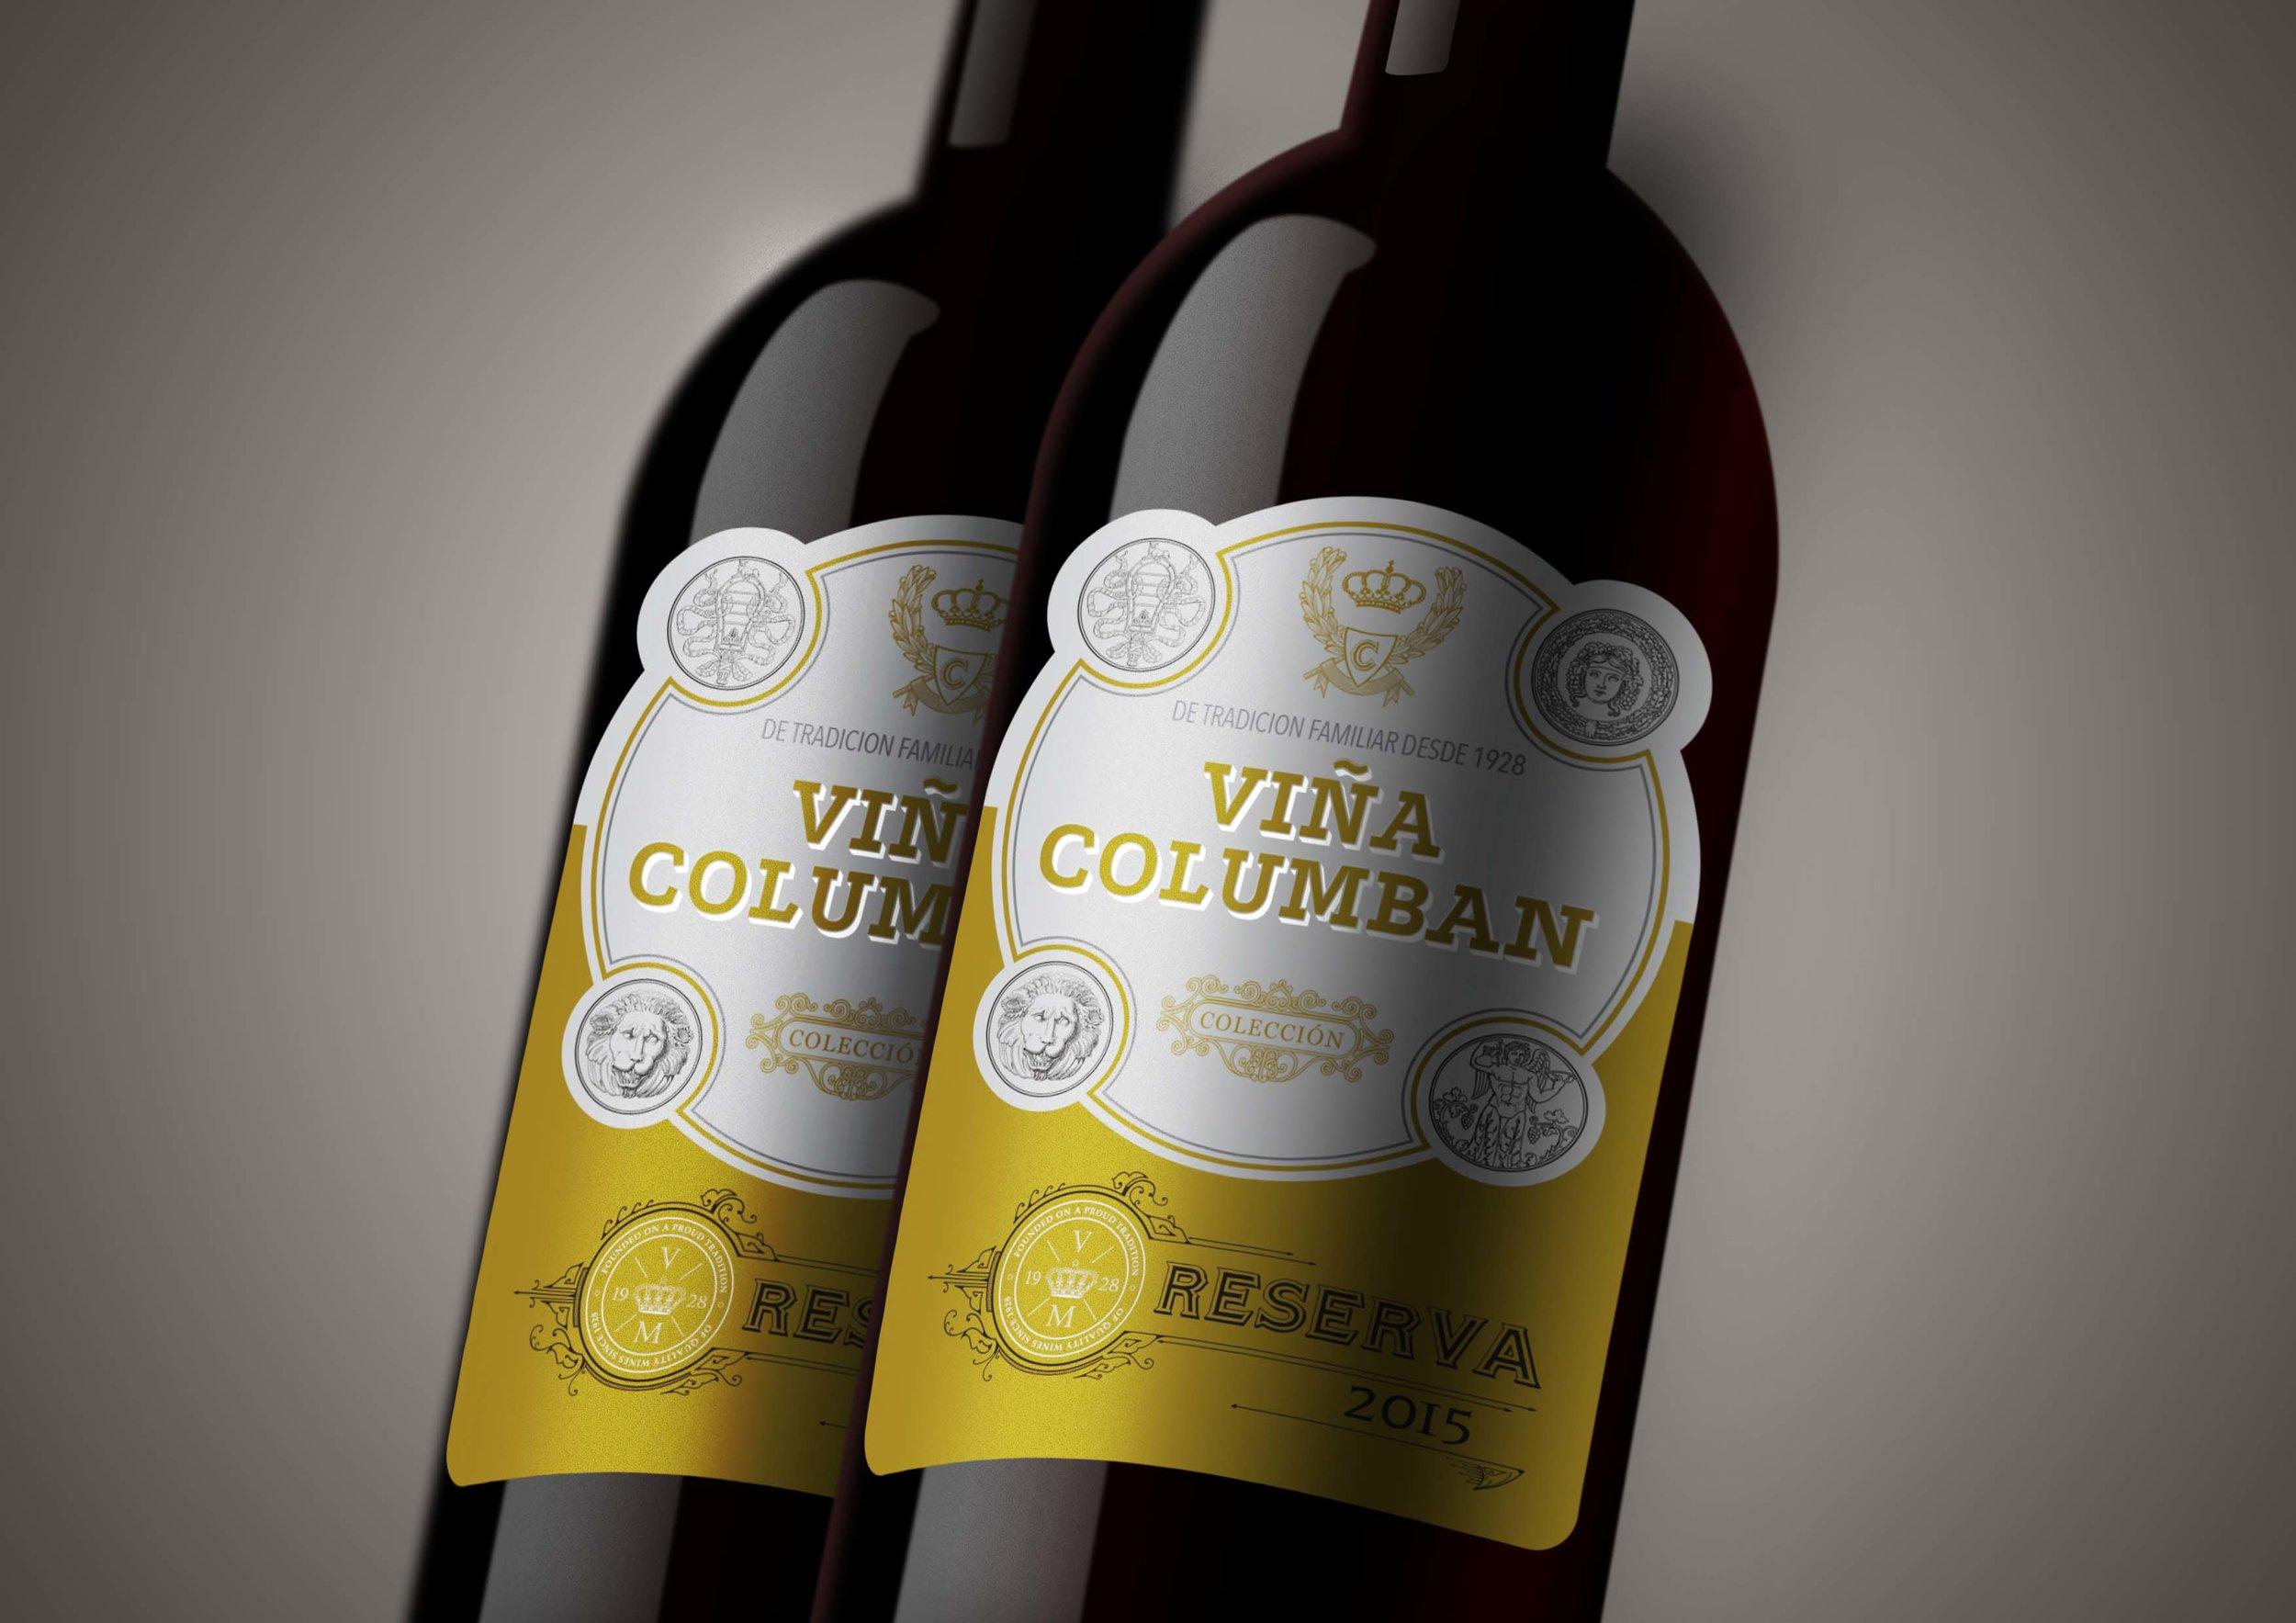 Vina Columban Reserva 2 Bottle Mock Up.jpg